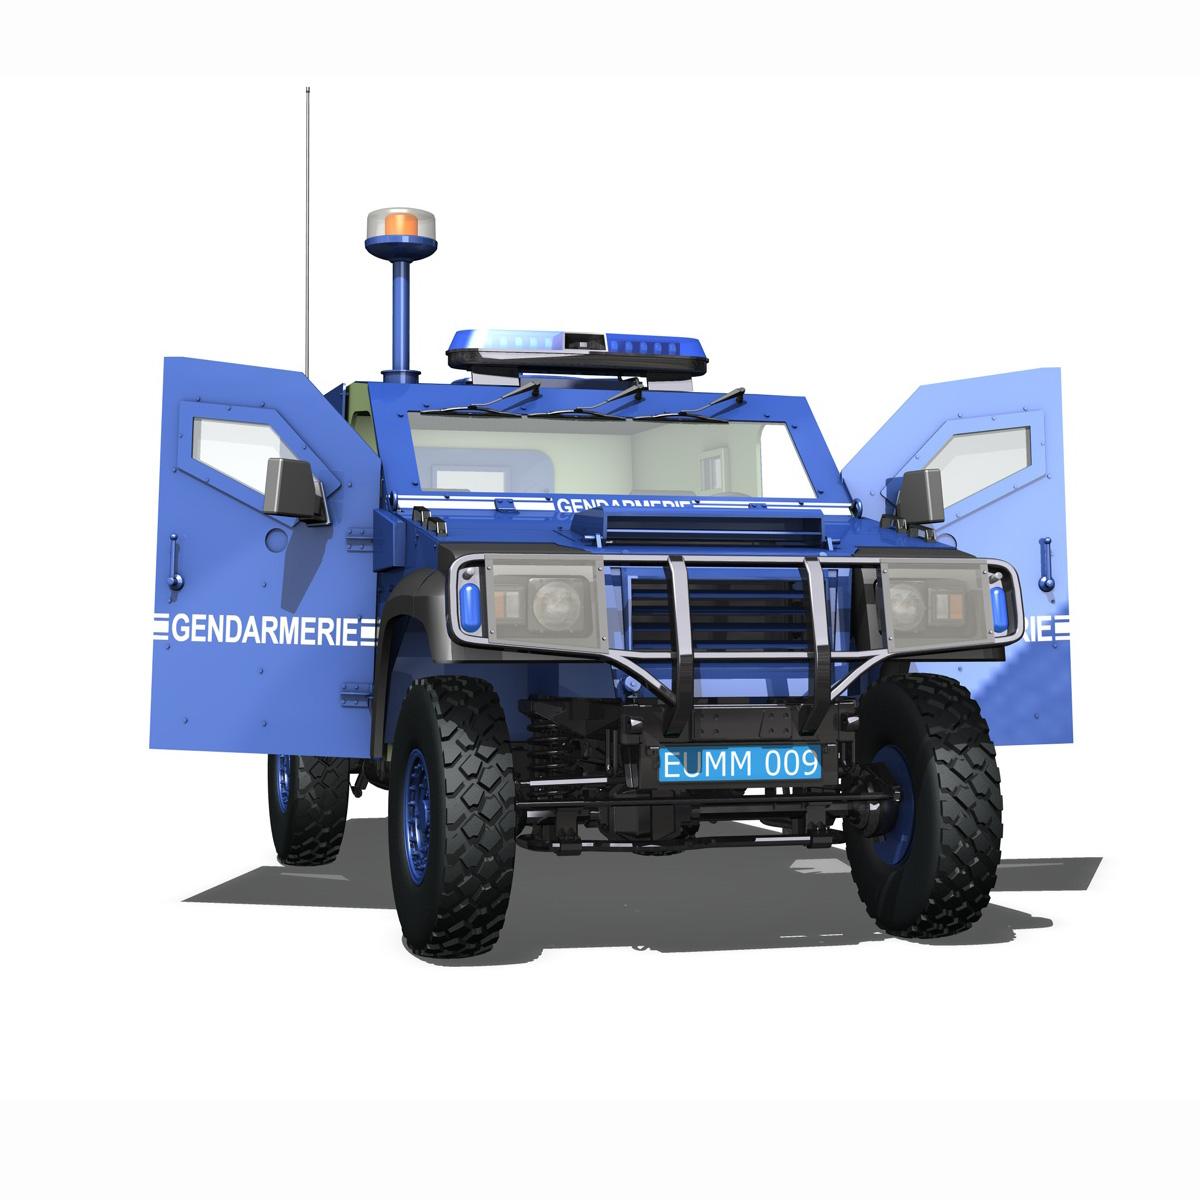 auverland panhard pvp – gendarmerie 3d model 3ds fbx c4d lwo obj 190070